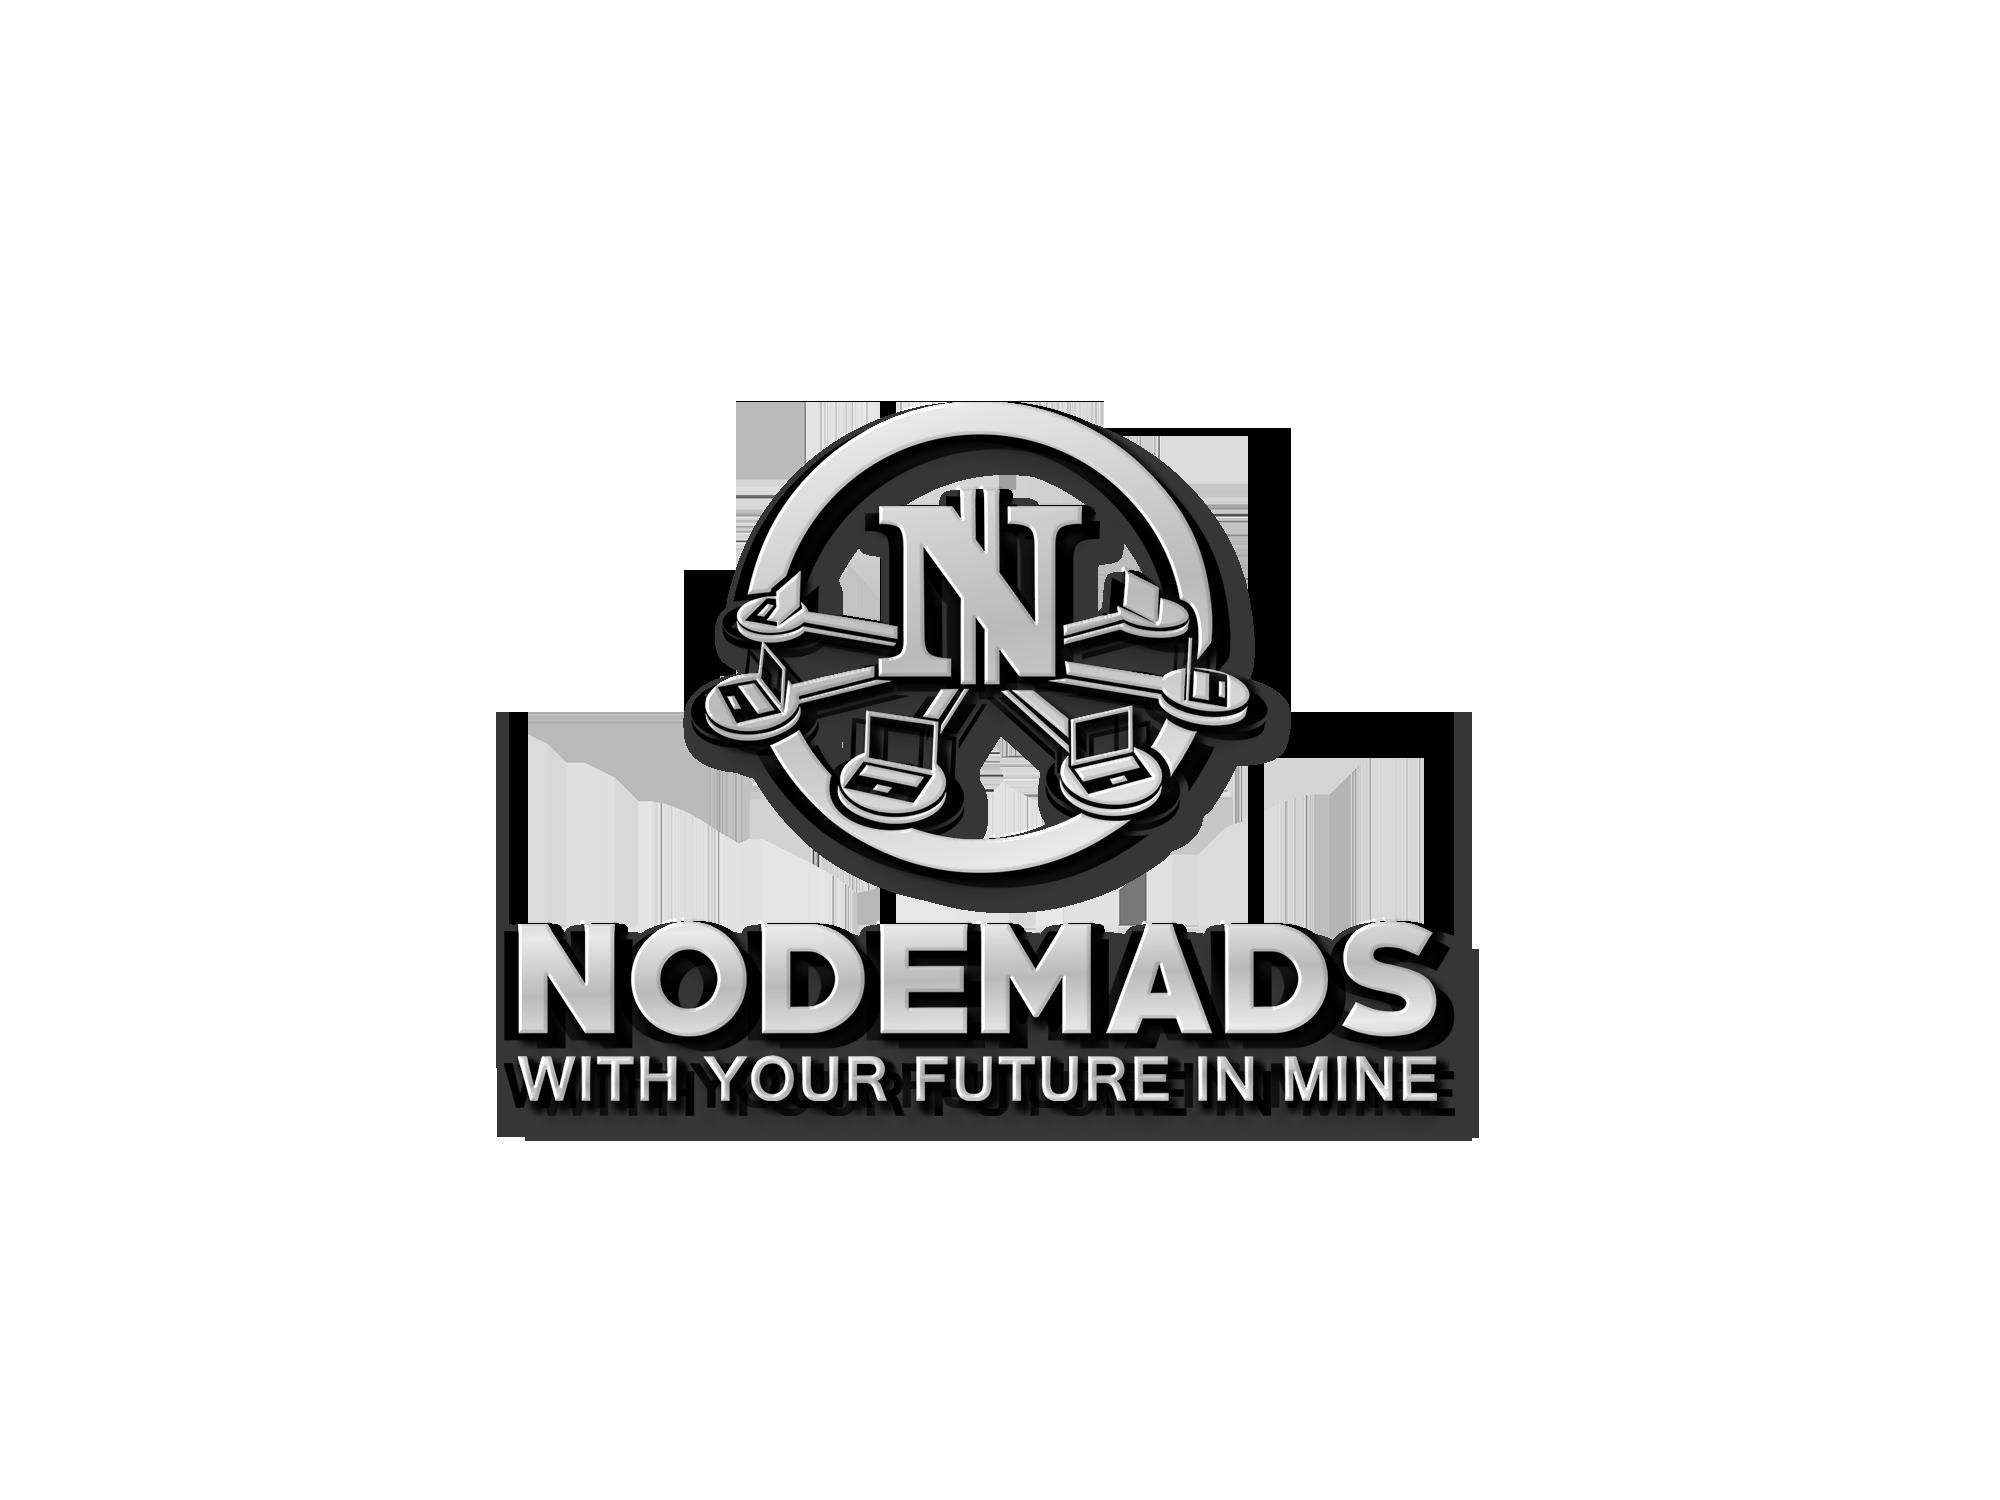 Nodemads